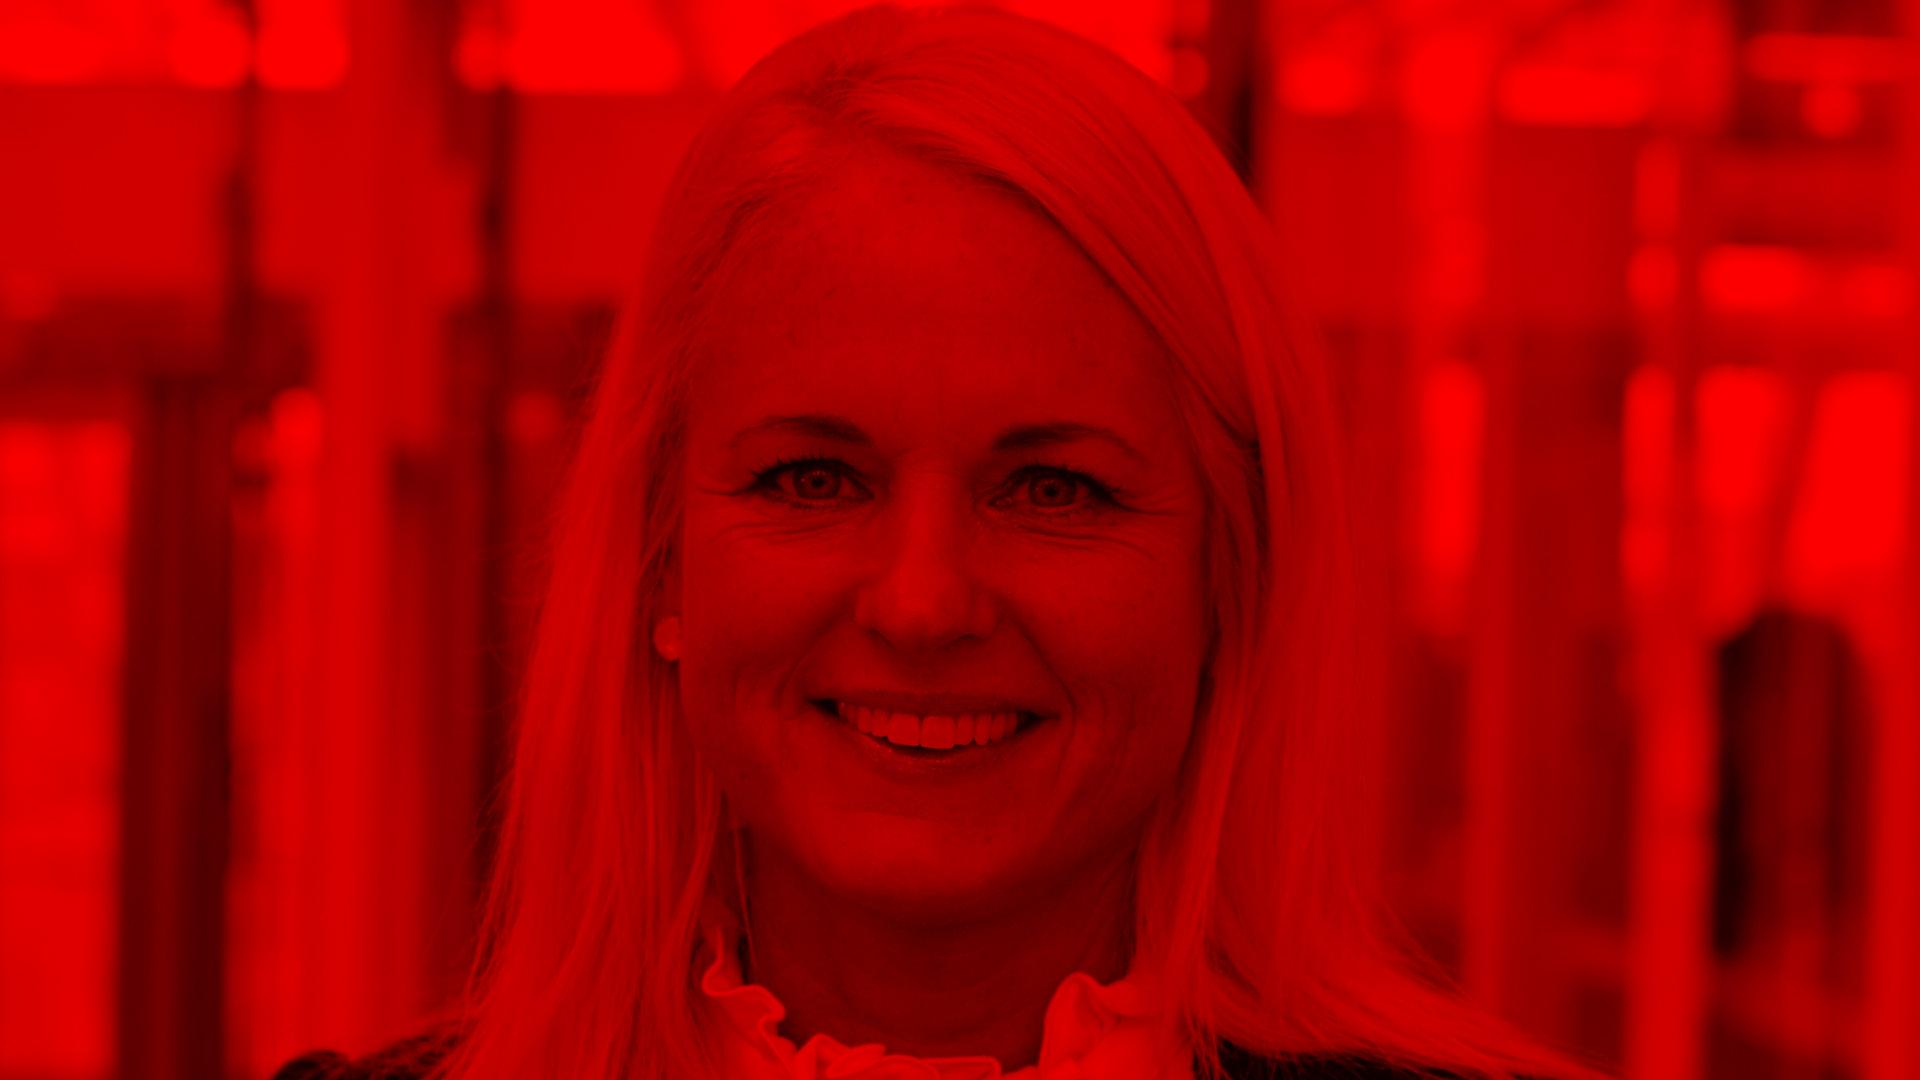 Charlotte Mattfolk